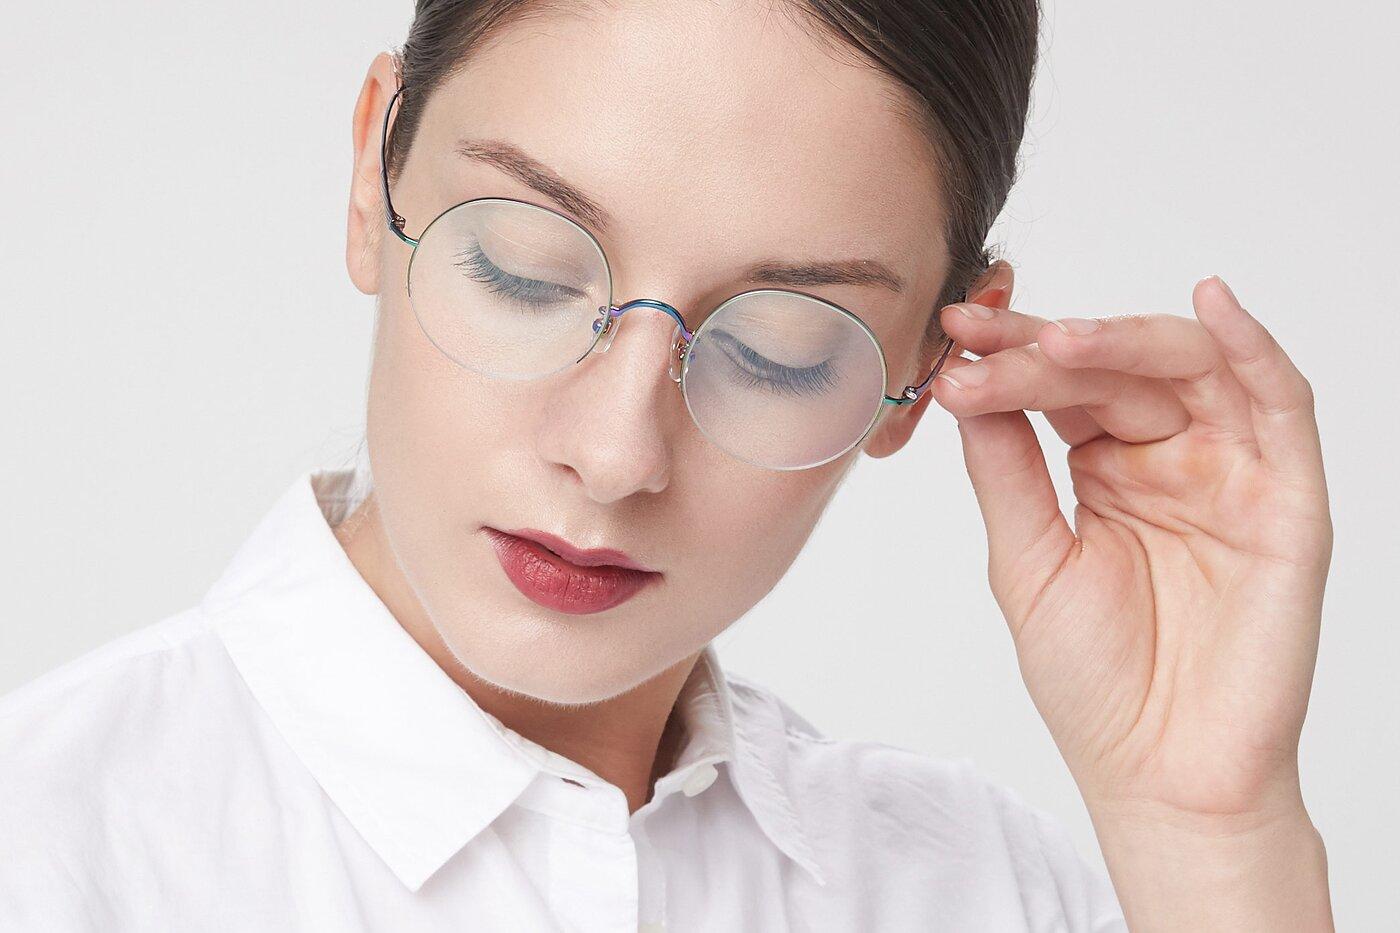 Peafowl Green Titanium Round Semi-Rimless Eyeglasses